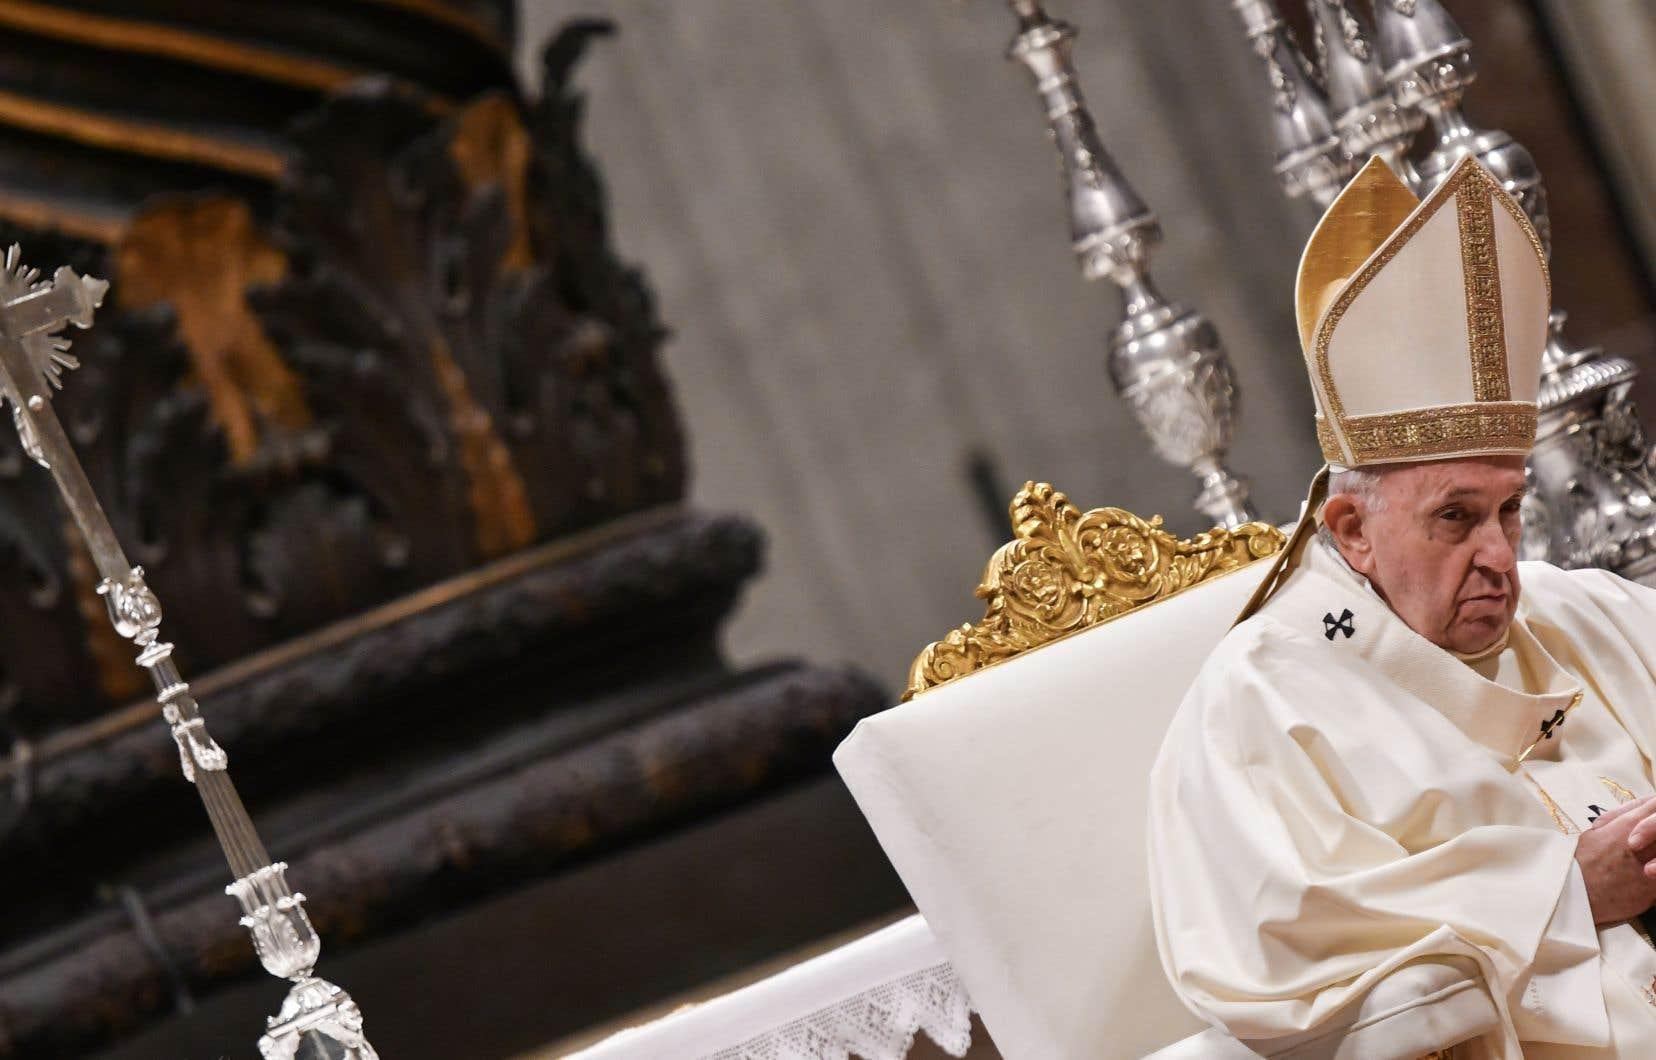 Le secret pontificalest une règle de confidentialité protégeant les informations sensibles relatives à la gouvernance de l'Église universelle.